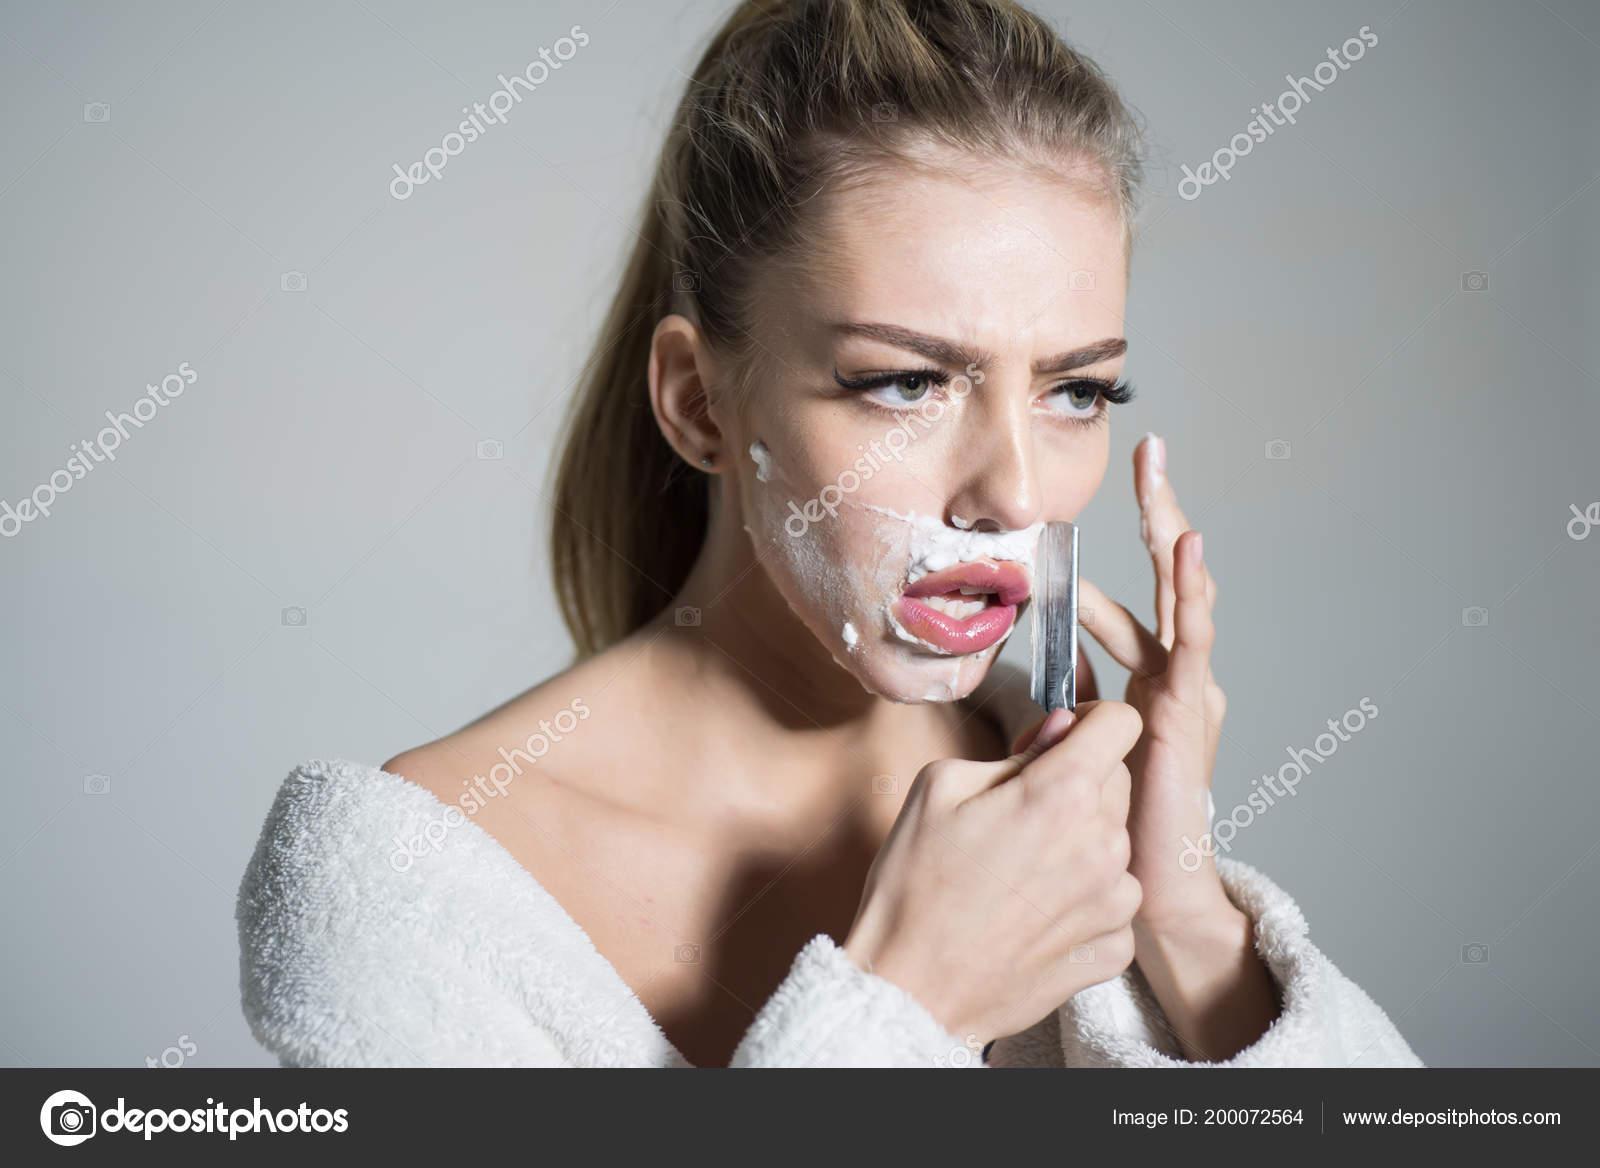 a042468d9a3a84 Blonde Frau mit hohen Pferdeschwanz in weißen Bademantel auf grauem  Hintergrund isoliert. Drag Queen rasieren ihr Gesicht mit scharfen  Rasiermesser, ...